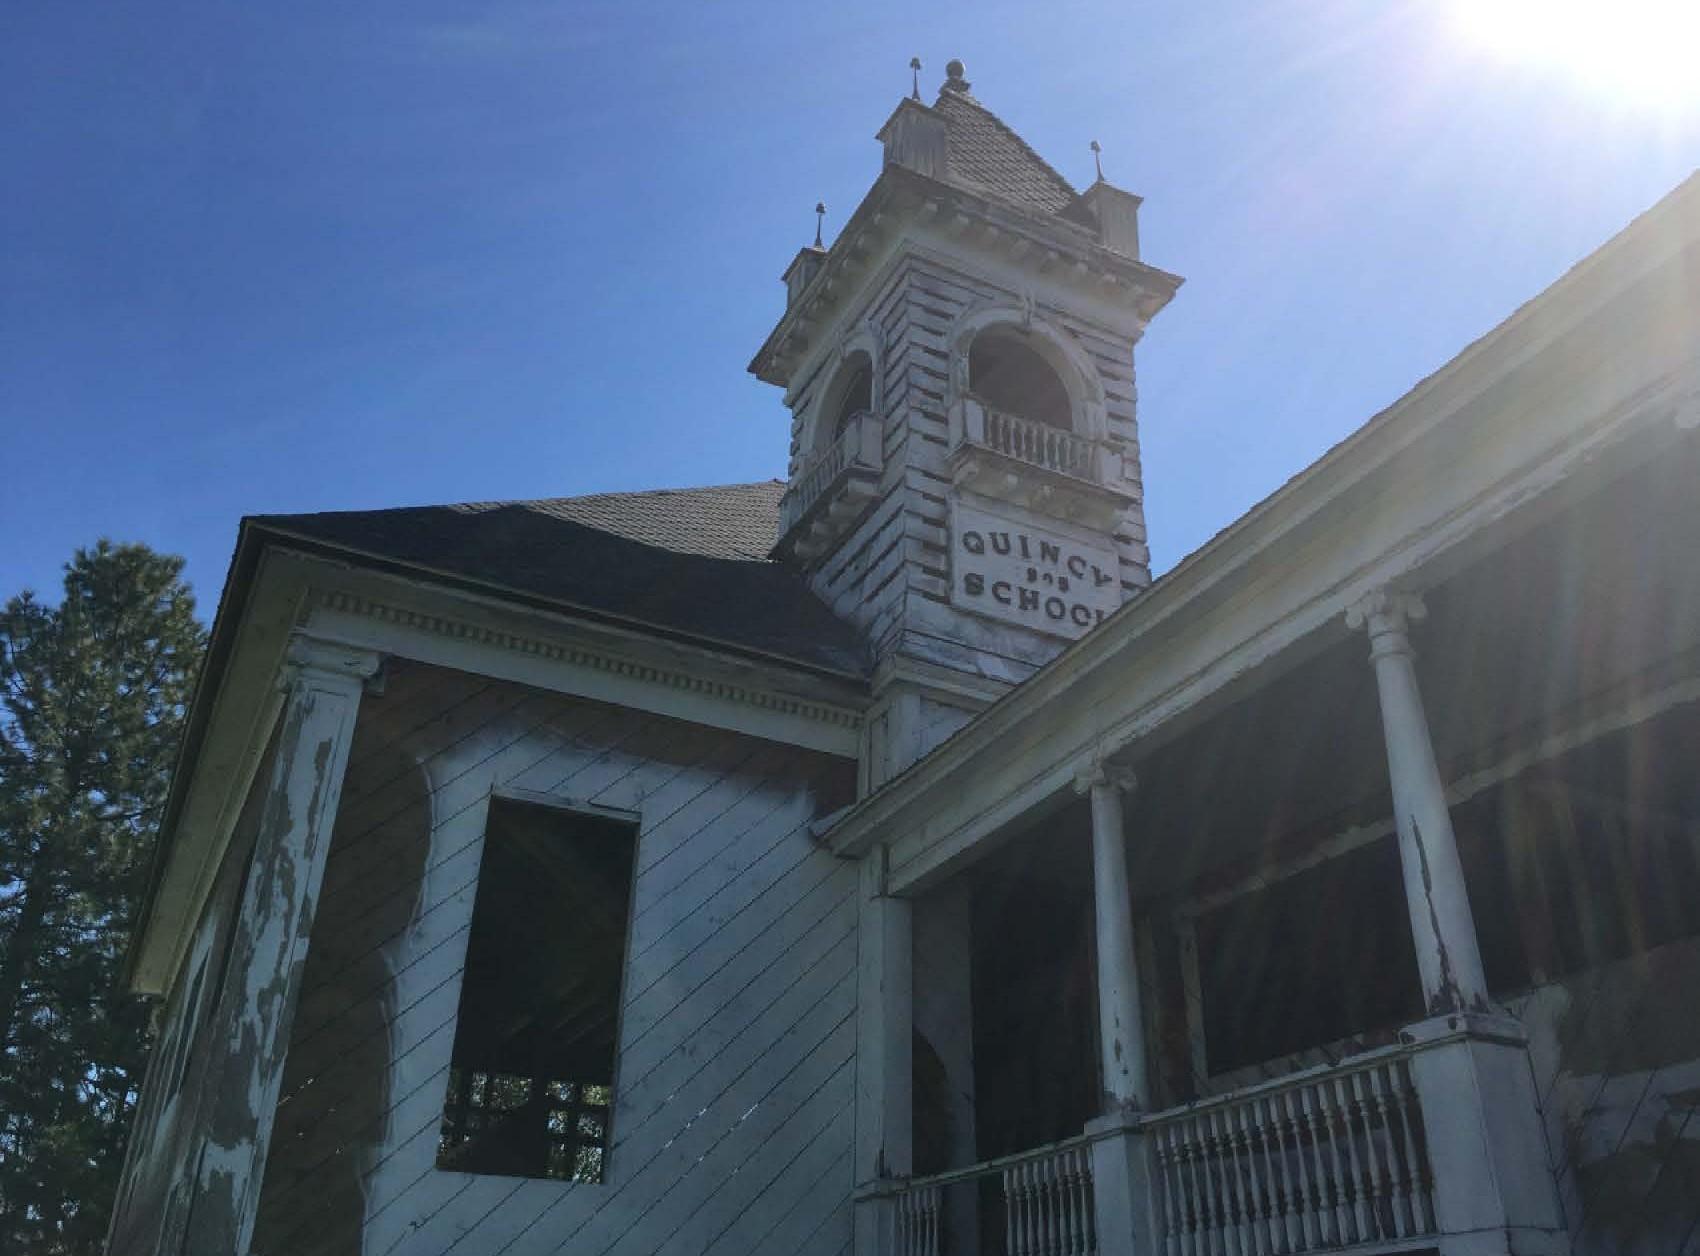 PUSD 50 Church